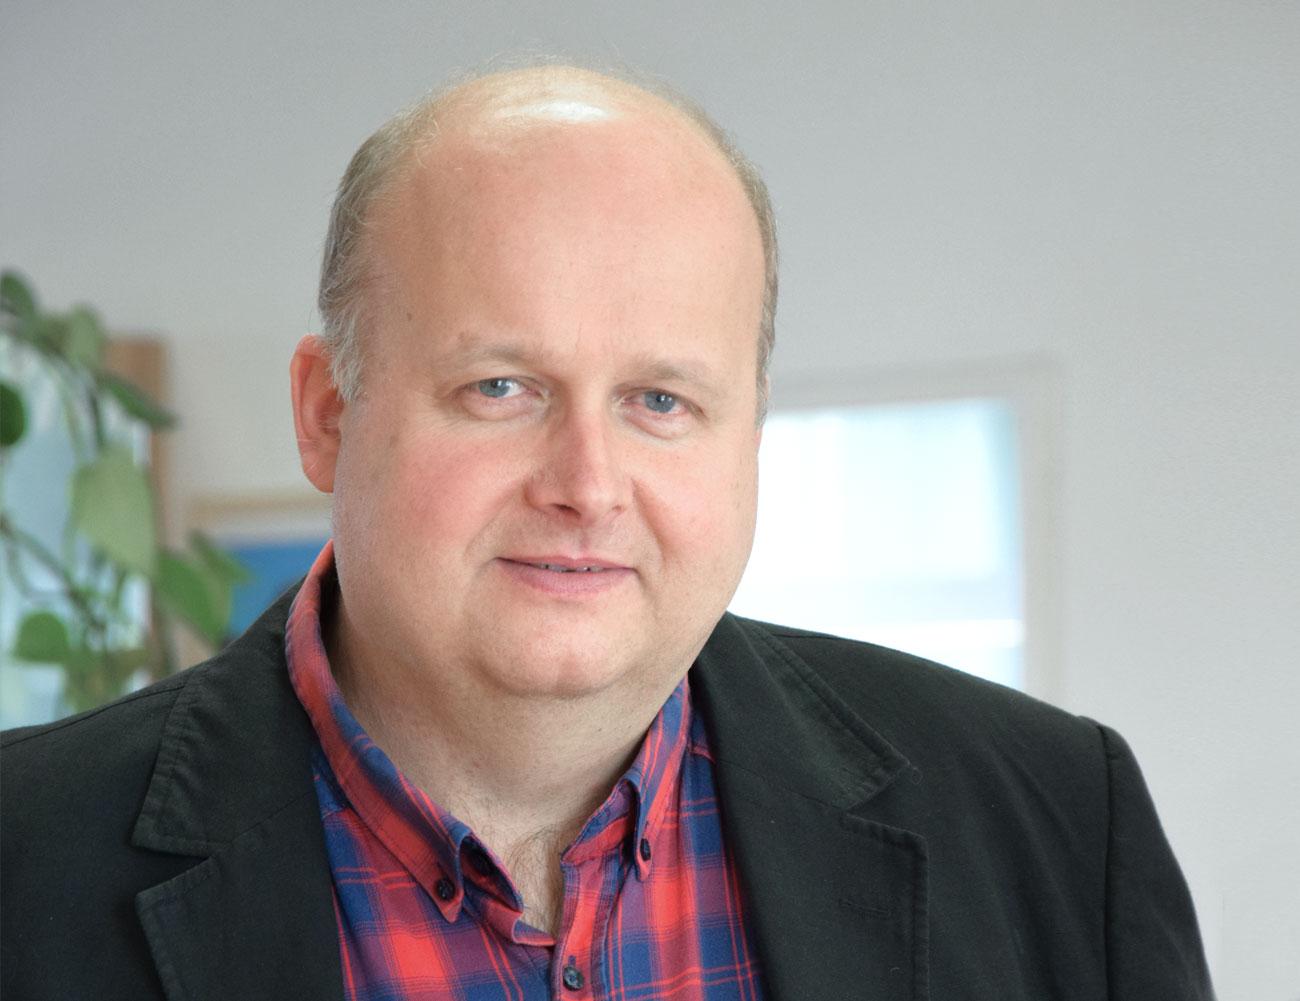 Ing. Ewald Mühleder